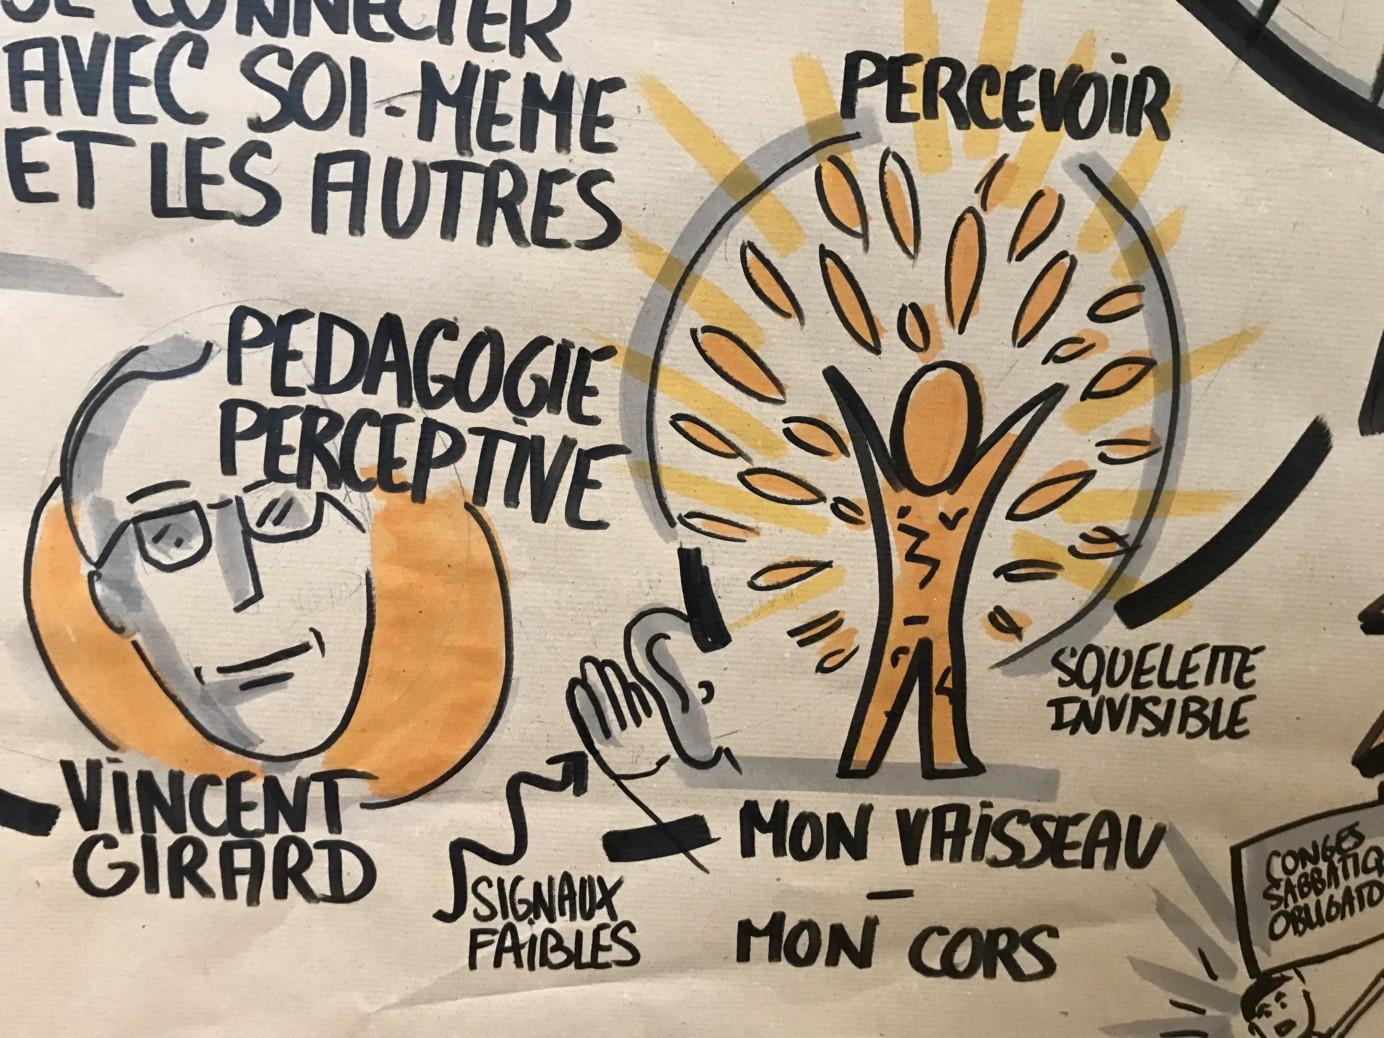 La Pédagogie Perceptive dessinée durant la 3e Journée des Pionniers